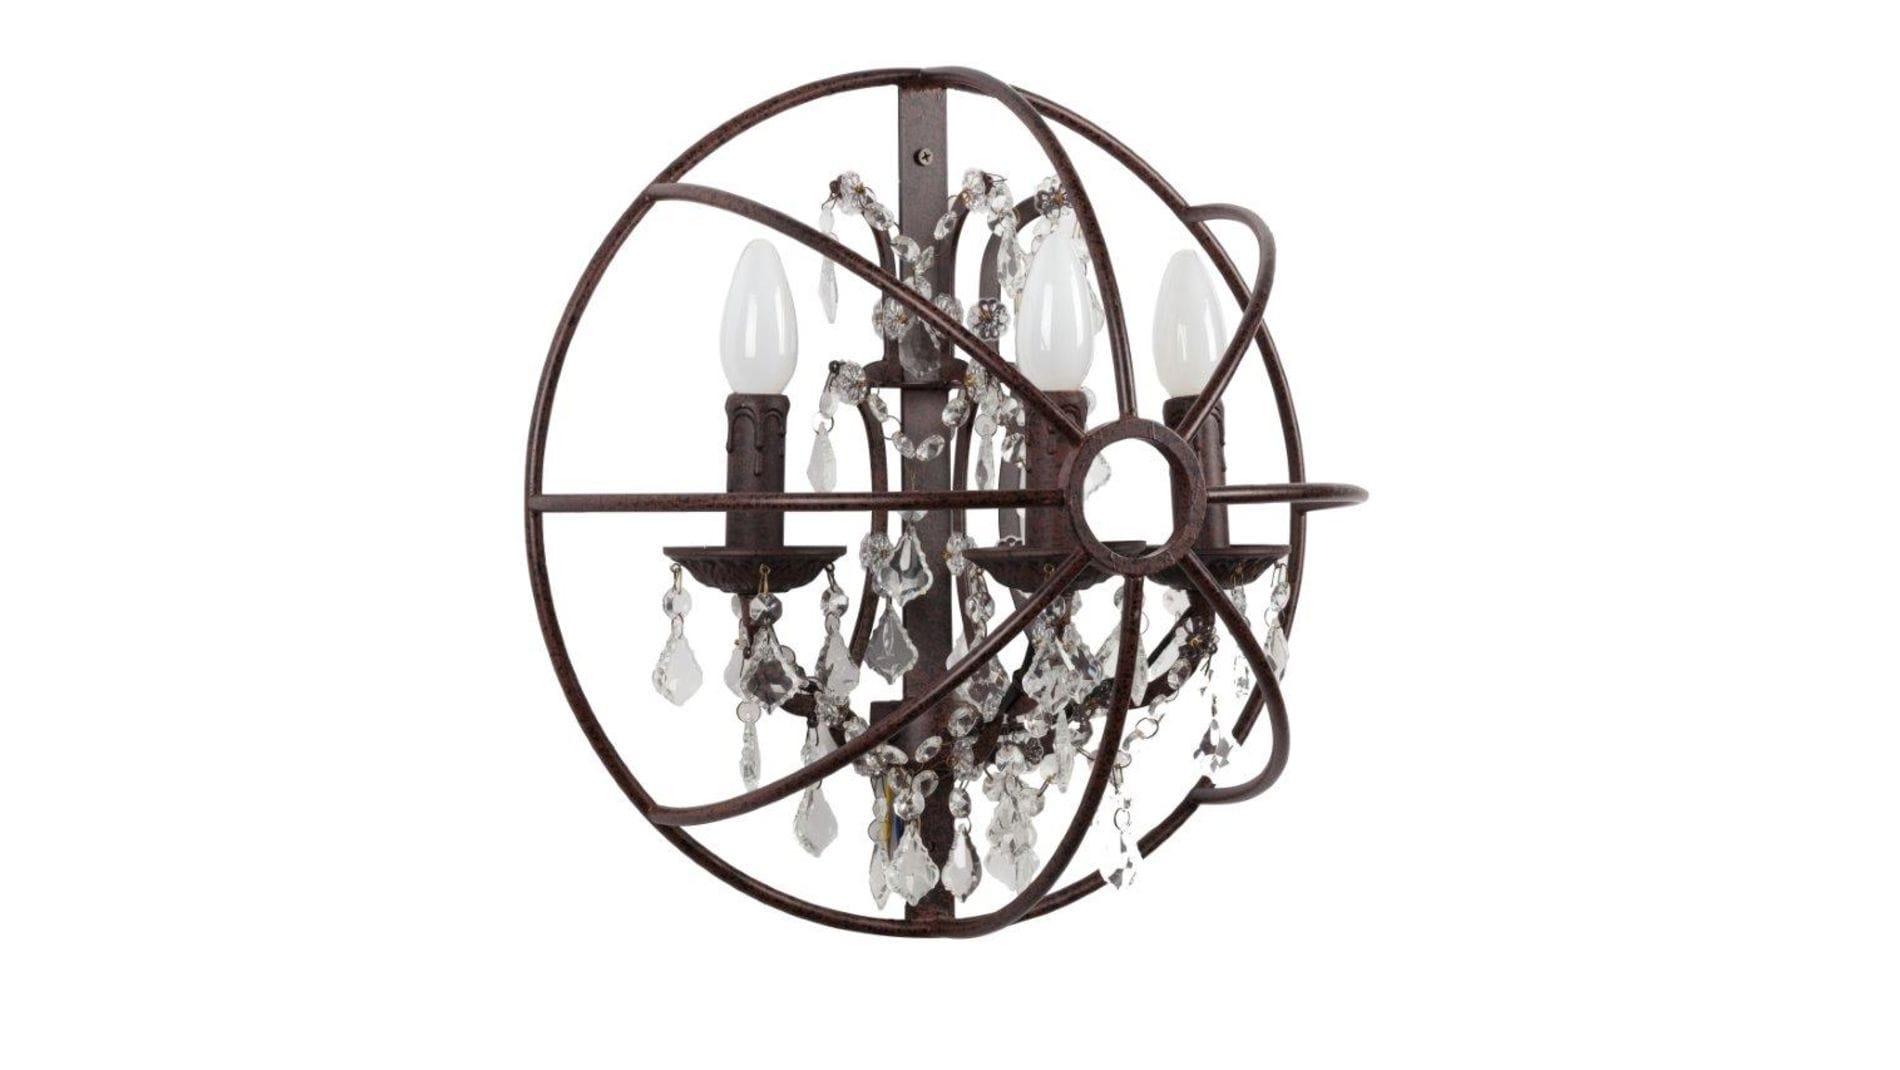 Настенный светильник Foucault's Orb Crystal